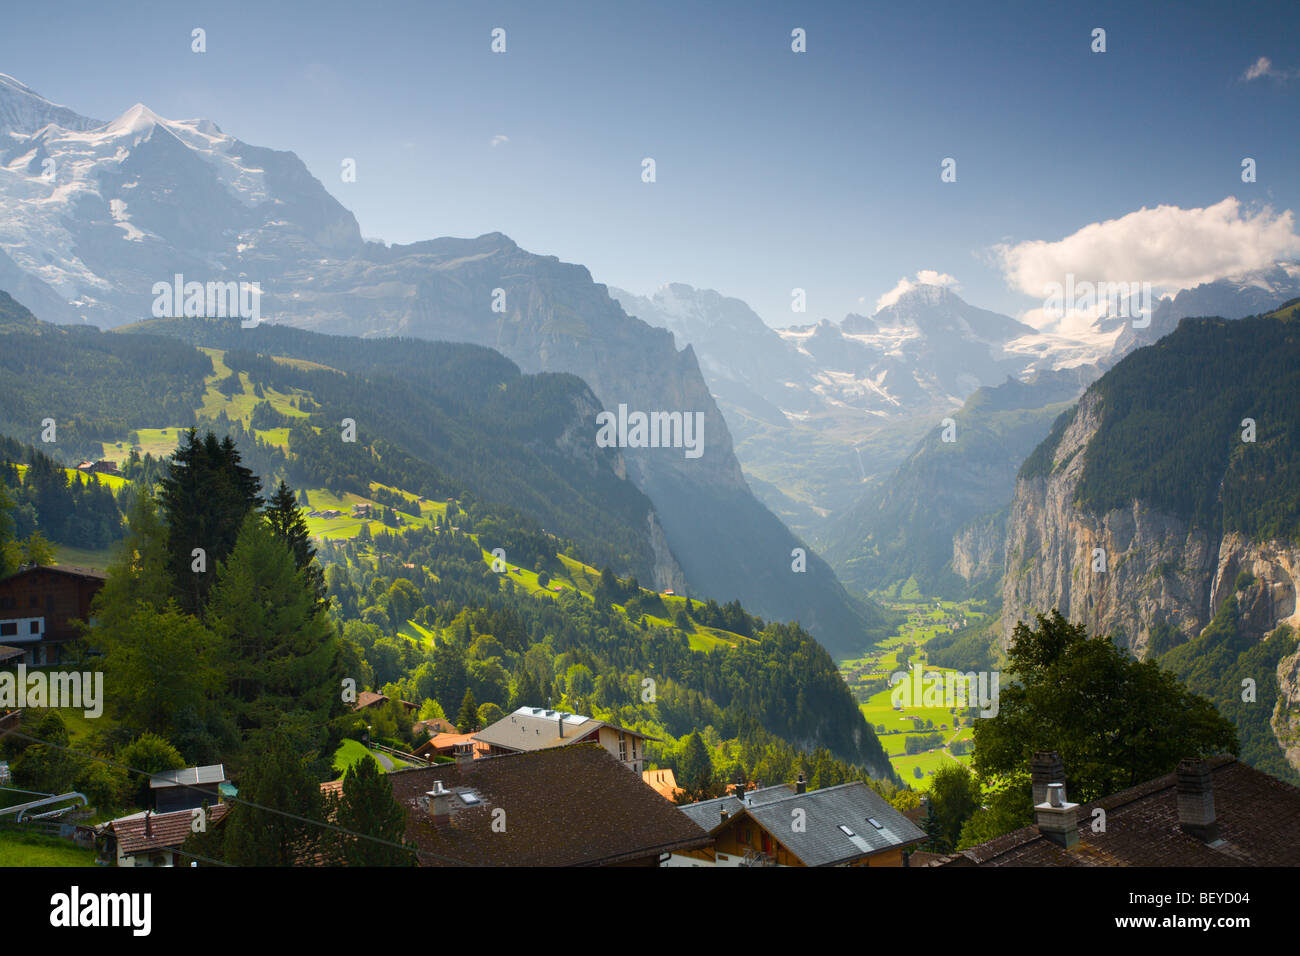 Lauterbrunnen valley from Wengen, Switzerland - Stock Image